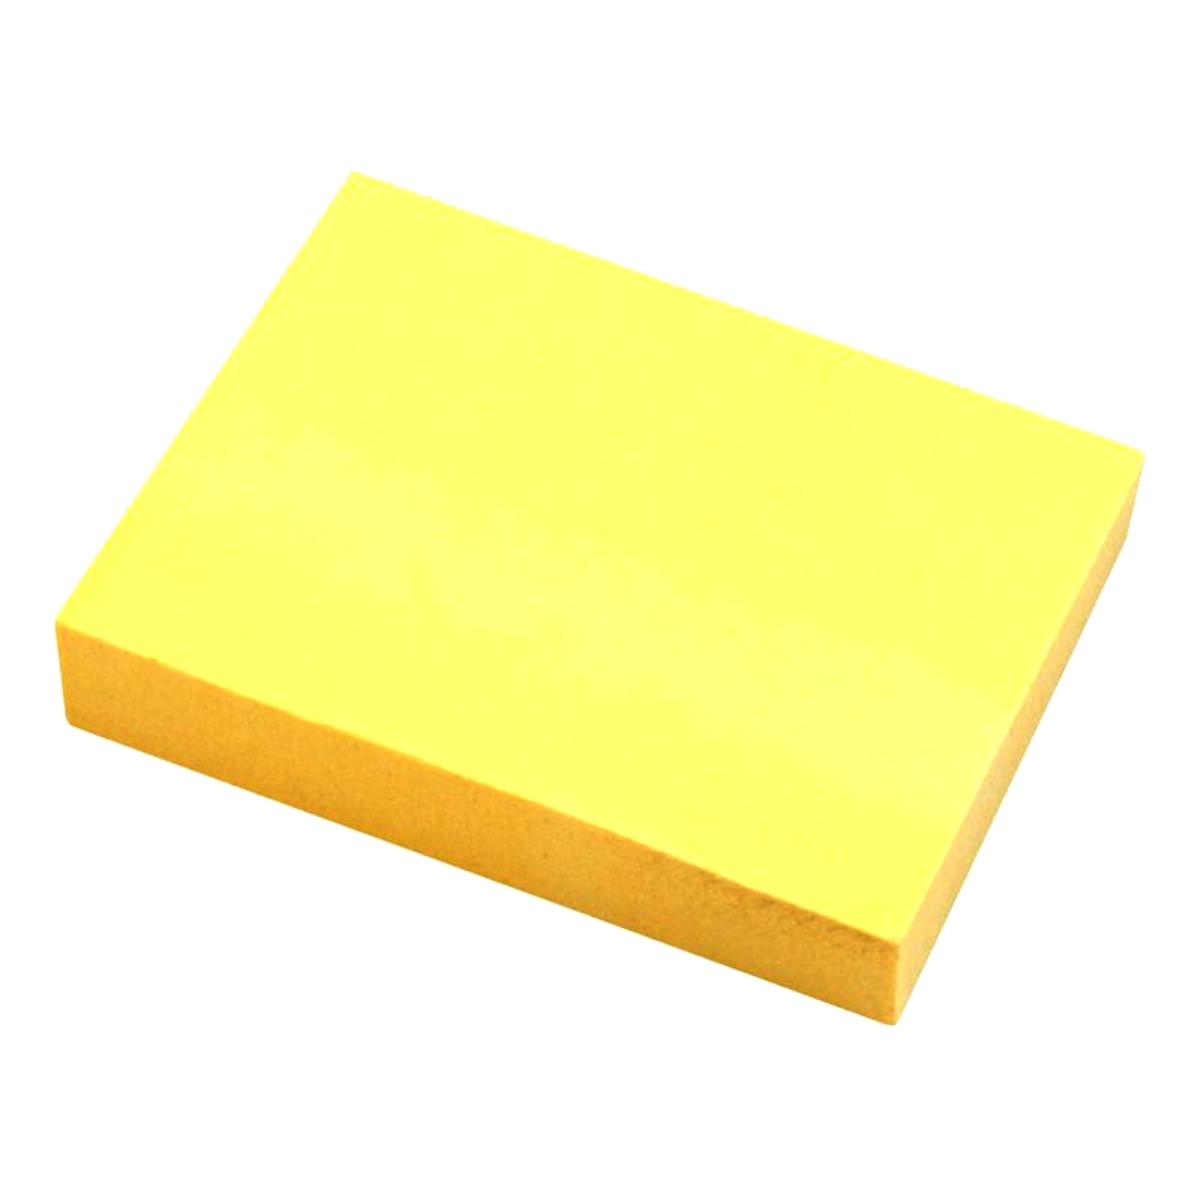 Bloco Notas Adesivas Tris Pop Office T004 Amarelo 101x76mm 100 Unidades